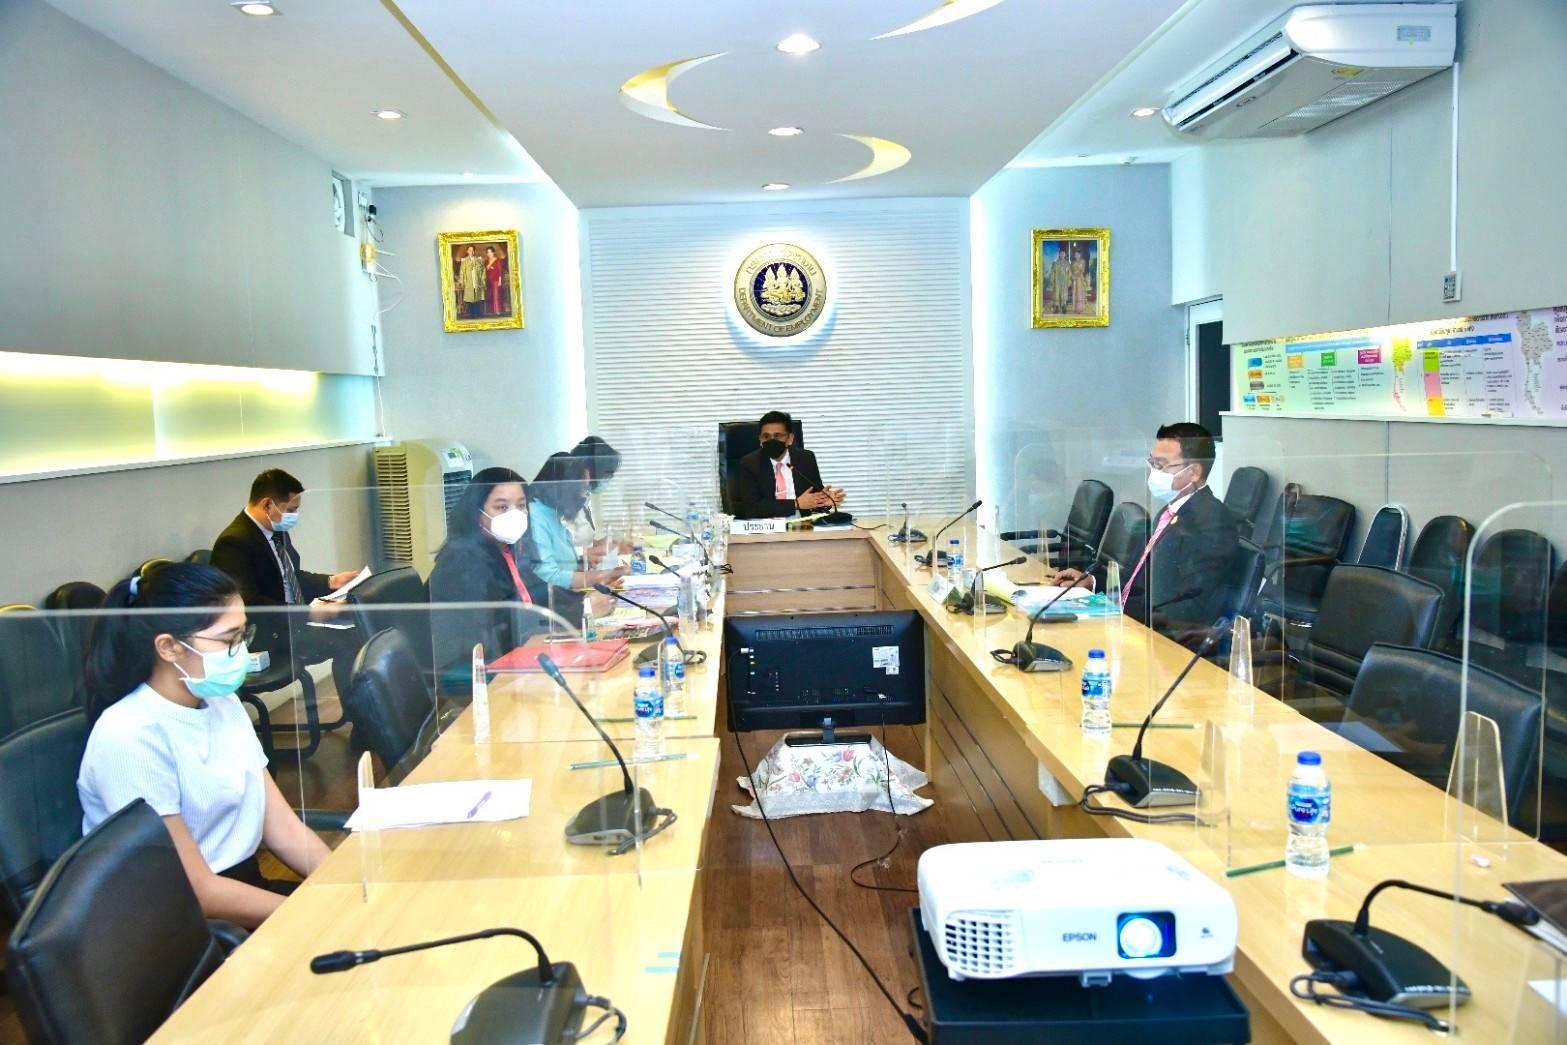 อธิบดีกรมการจัดหางาน ประชุมคณะกรรมการบริหารกองทุนเพื่อผู้รับงานไปทำที่บ้าน ครั้งที่ 7/2564